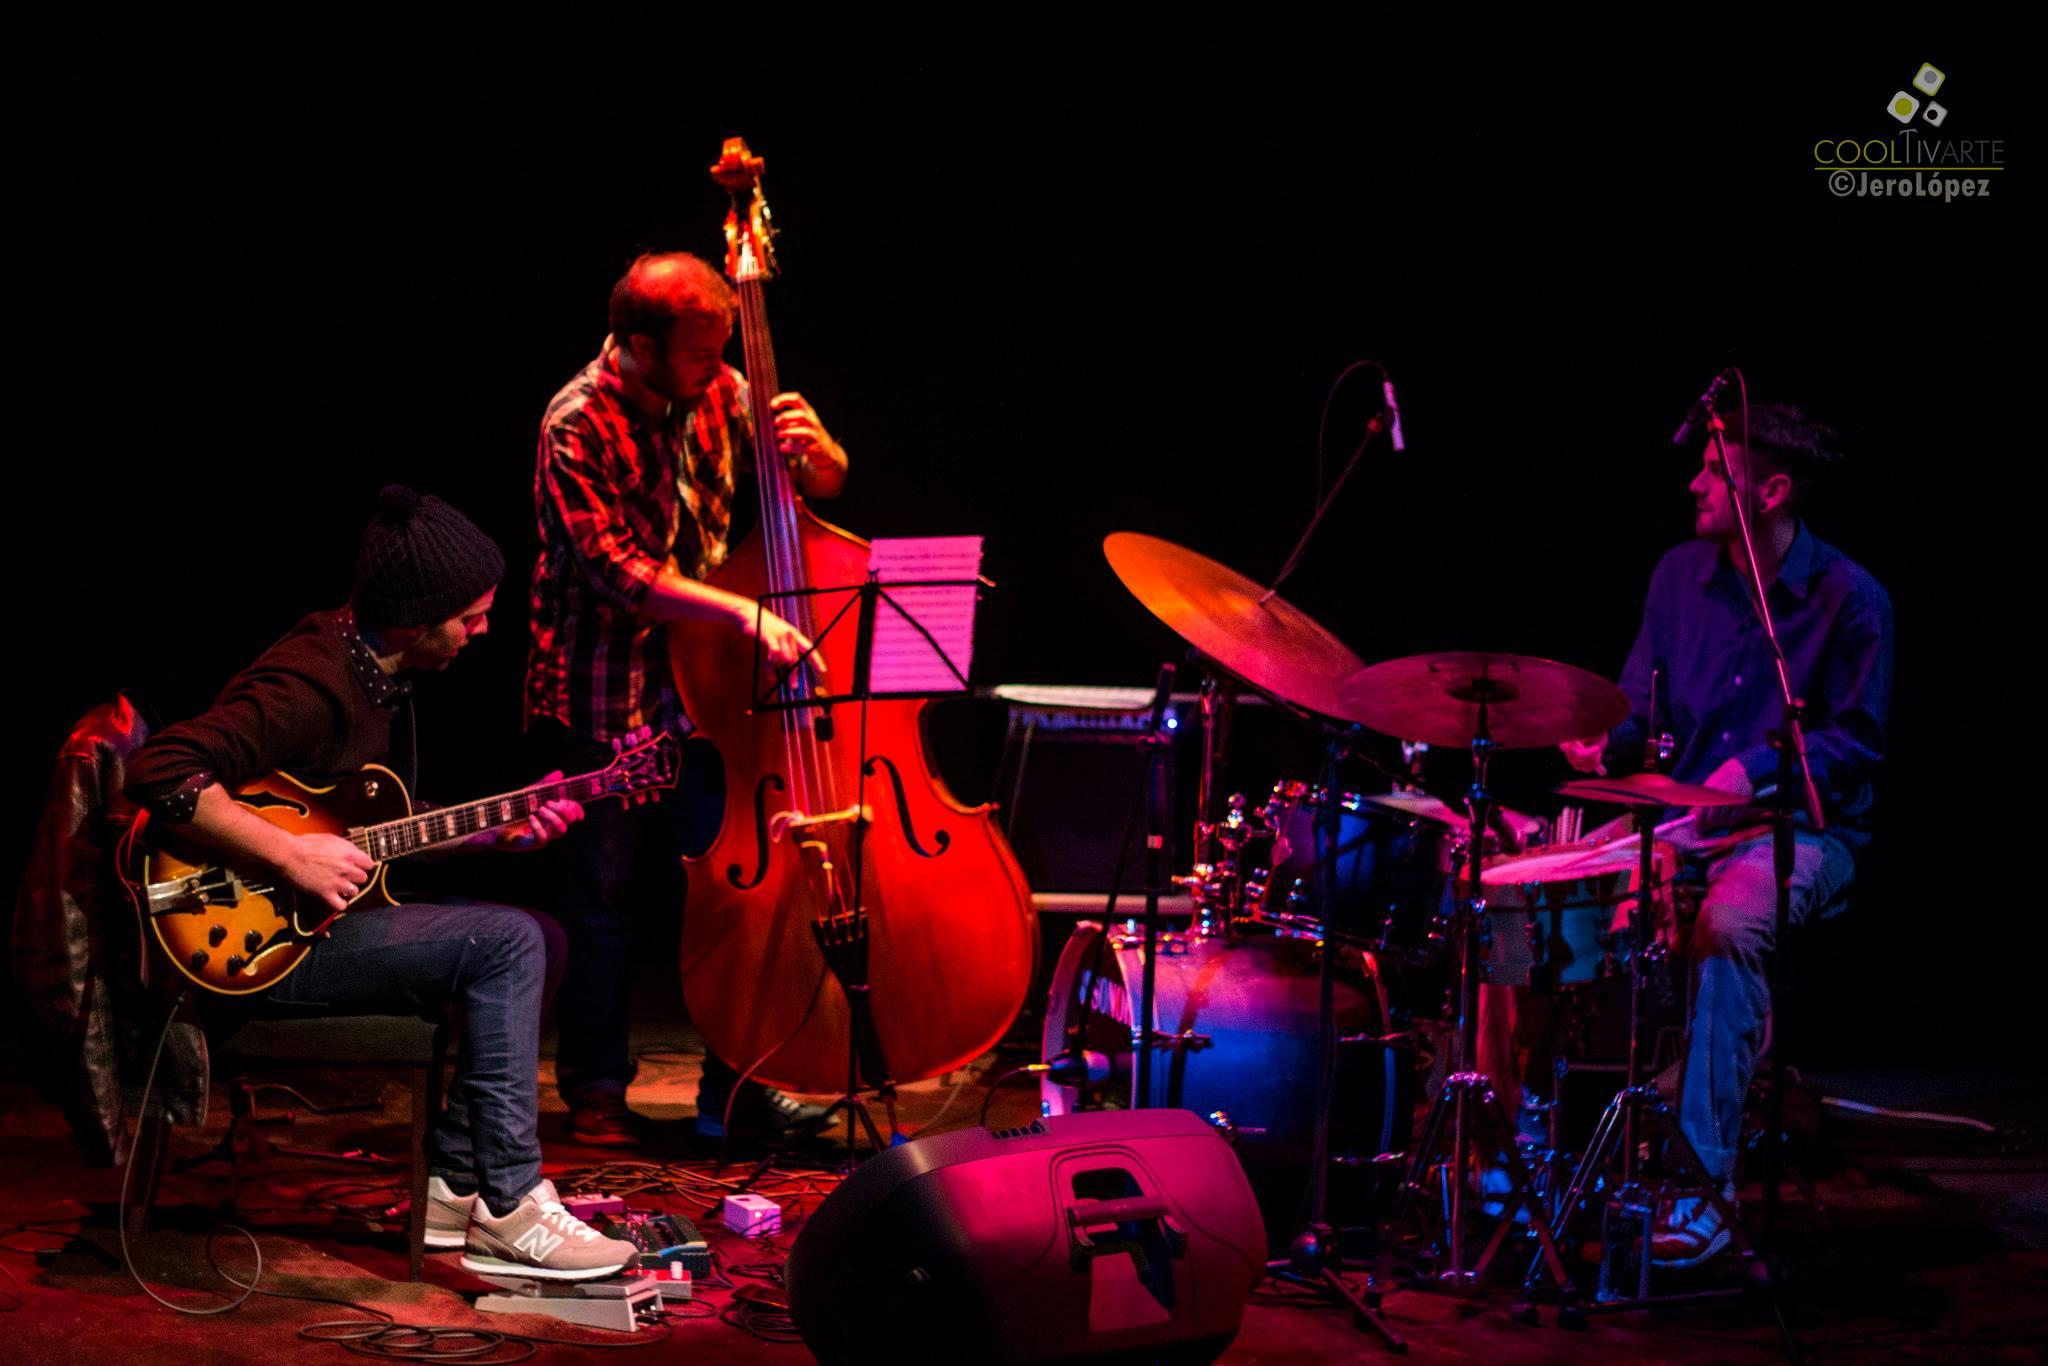 imagen - Feria Jazz en Tractatus 16 de julio 2015 Foto © Jerónimo López